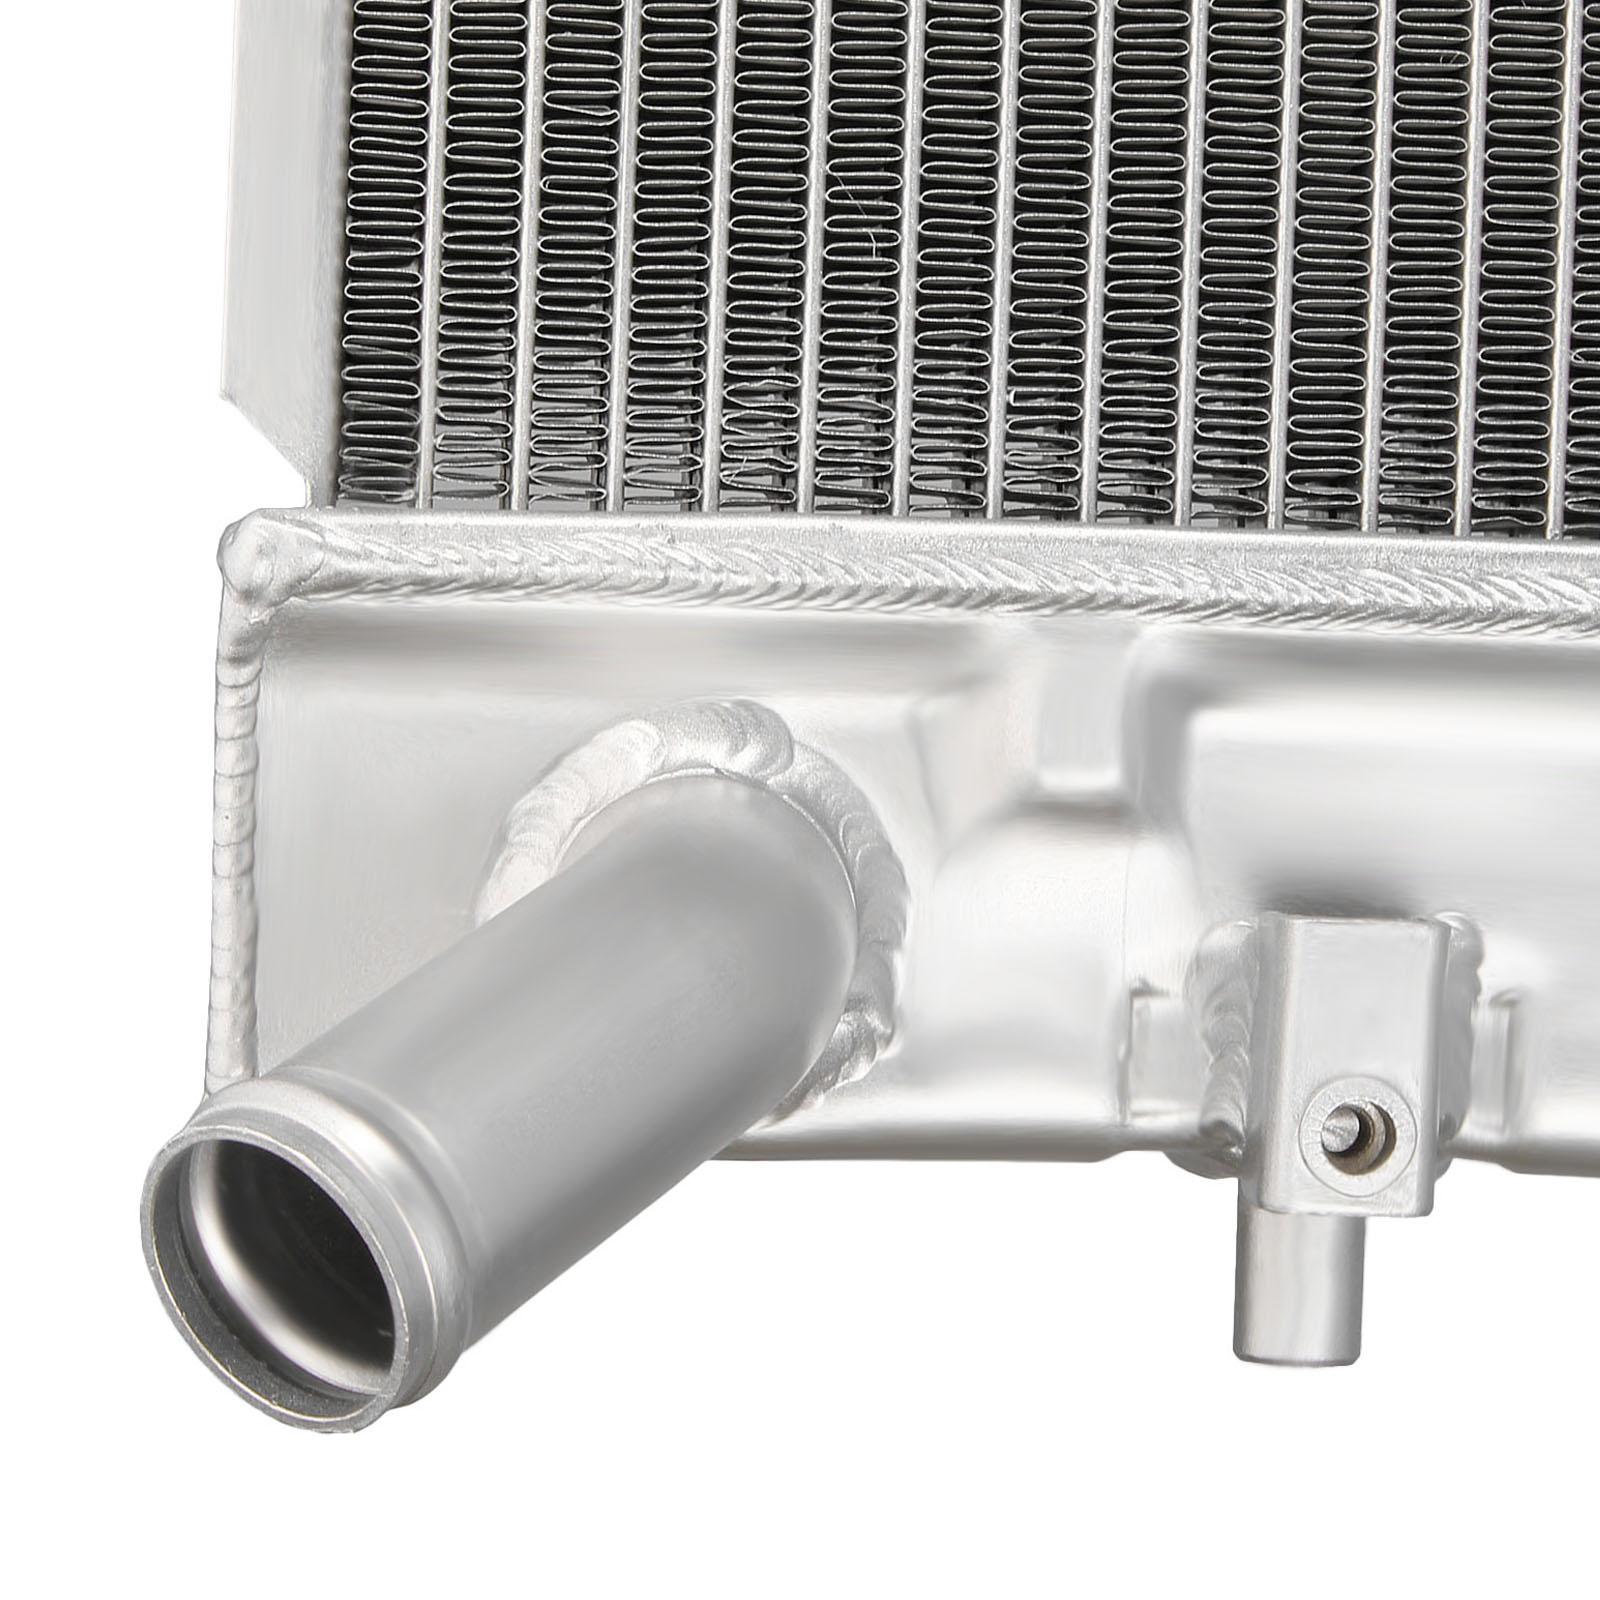 Dromedary-High Quality New 2688 Full Aluminum Radiator For Lexus Rx 330 33-202-v6-5